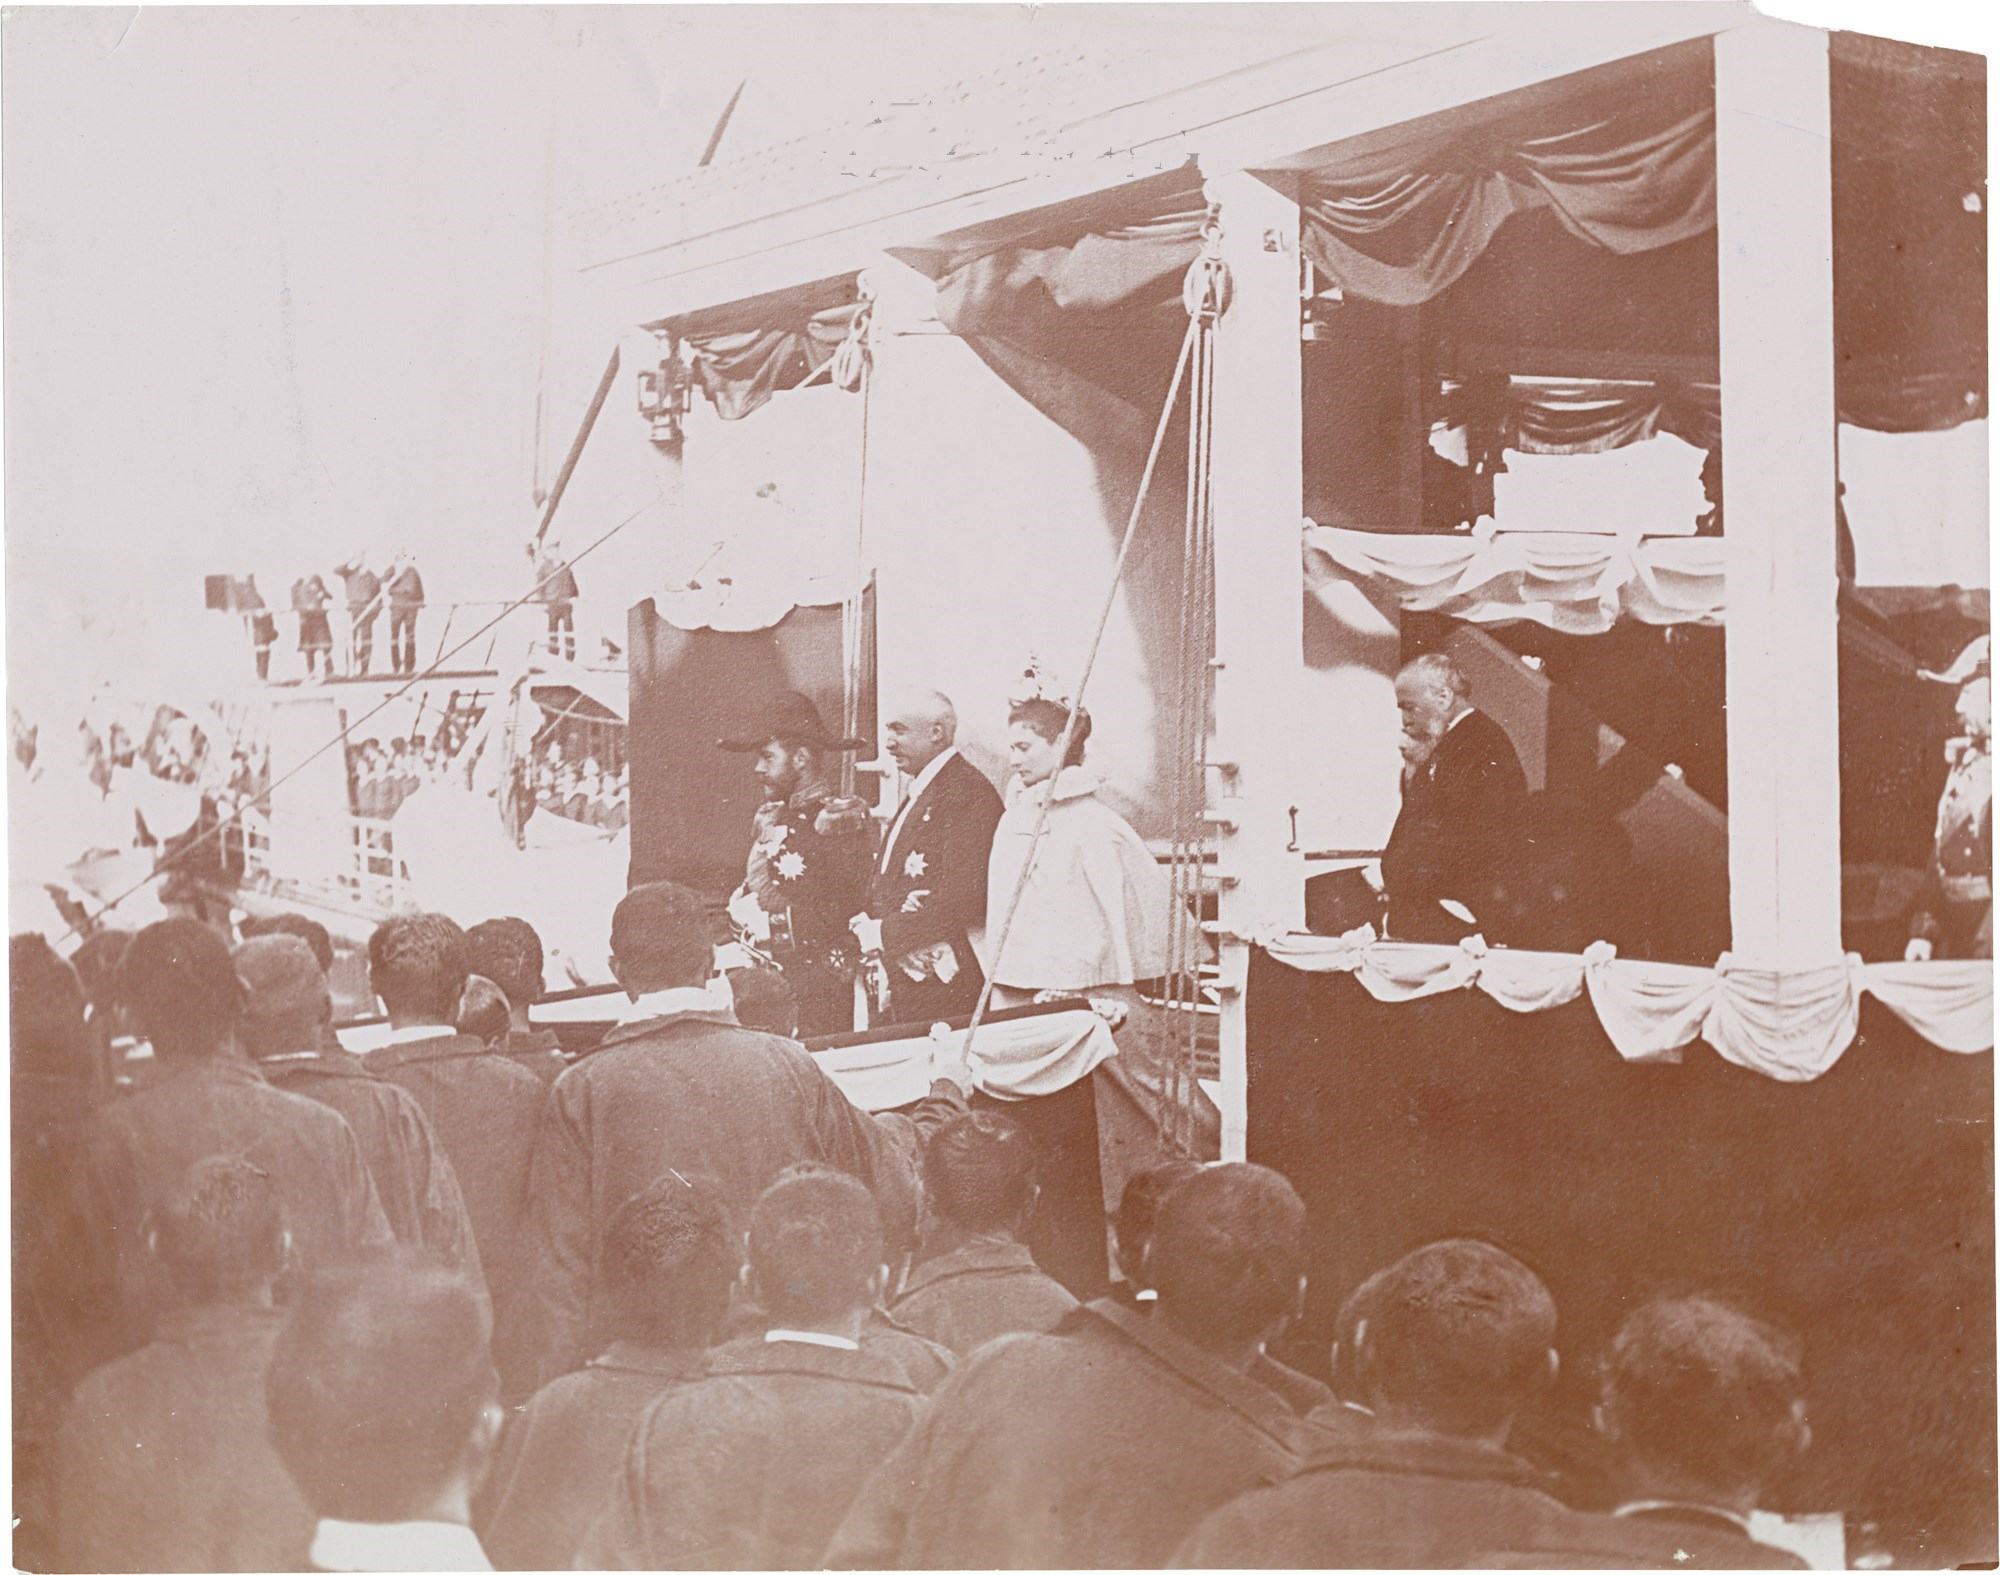 10.  Император Николай II, императрица Александра Федоровны и президент Феликс Фор выходят на набережную Шербура